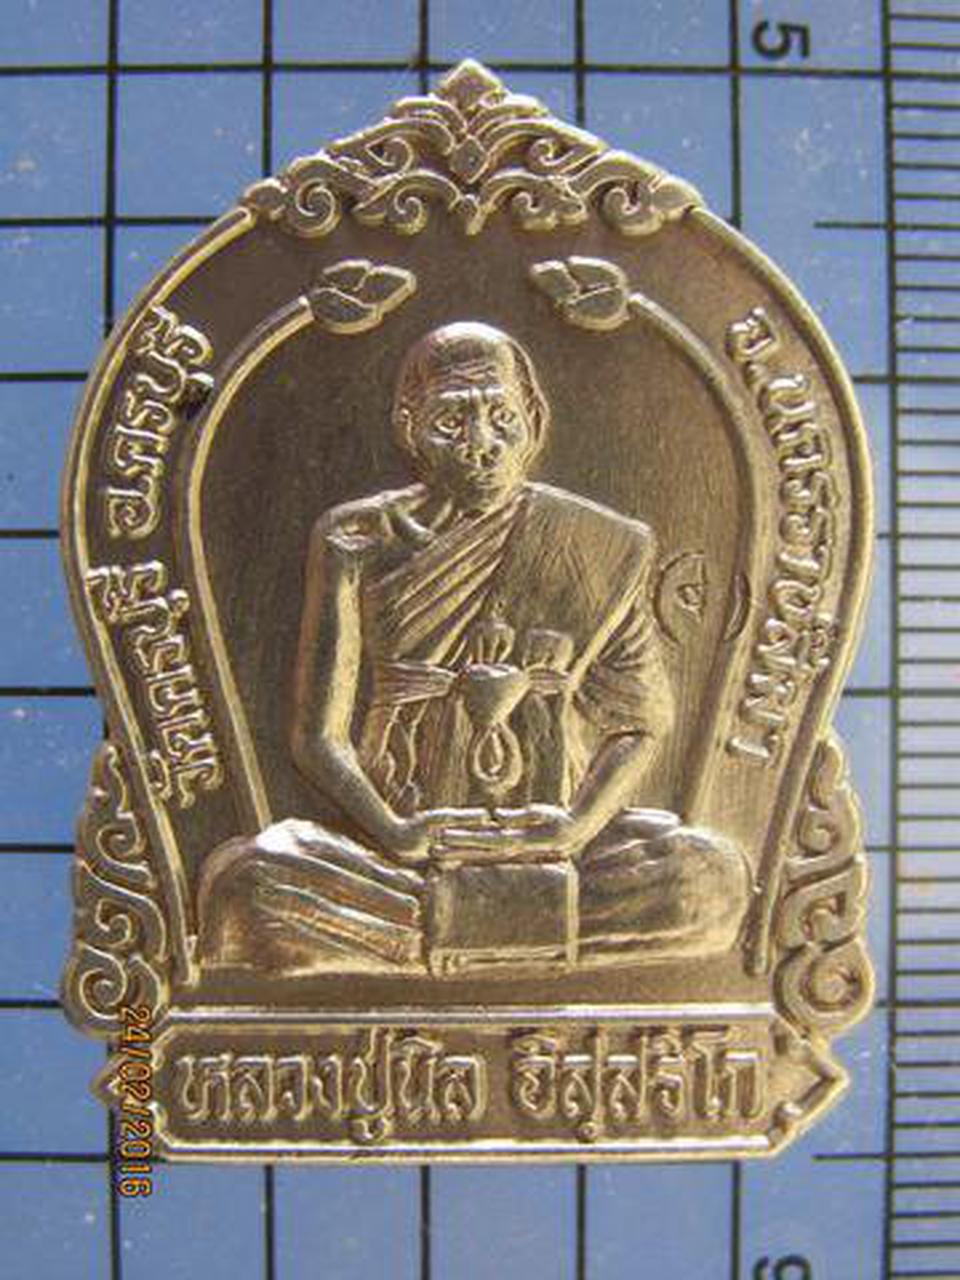 3183 เหรียญเสมาเนื้ออัลปาก้า หลวงปู่นิล อิสสริโก หลังยันต์ดว รูปที่ 2